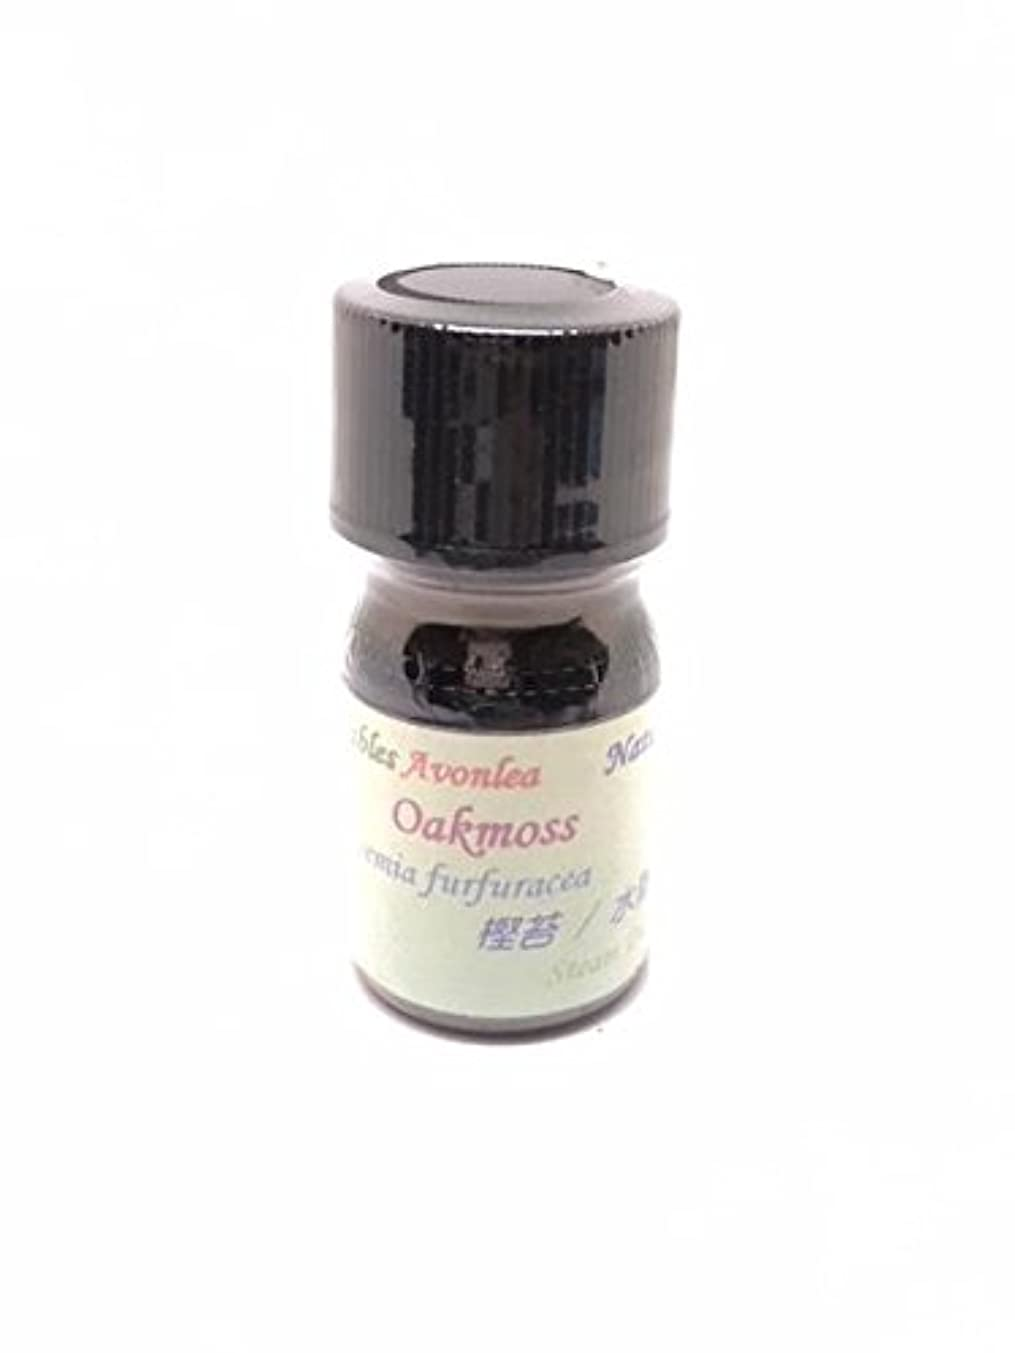 活発熱狂的な単調なオークモス 樫苔 エッセンシャルオイル 高級精油 (5ml)